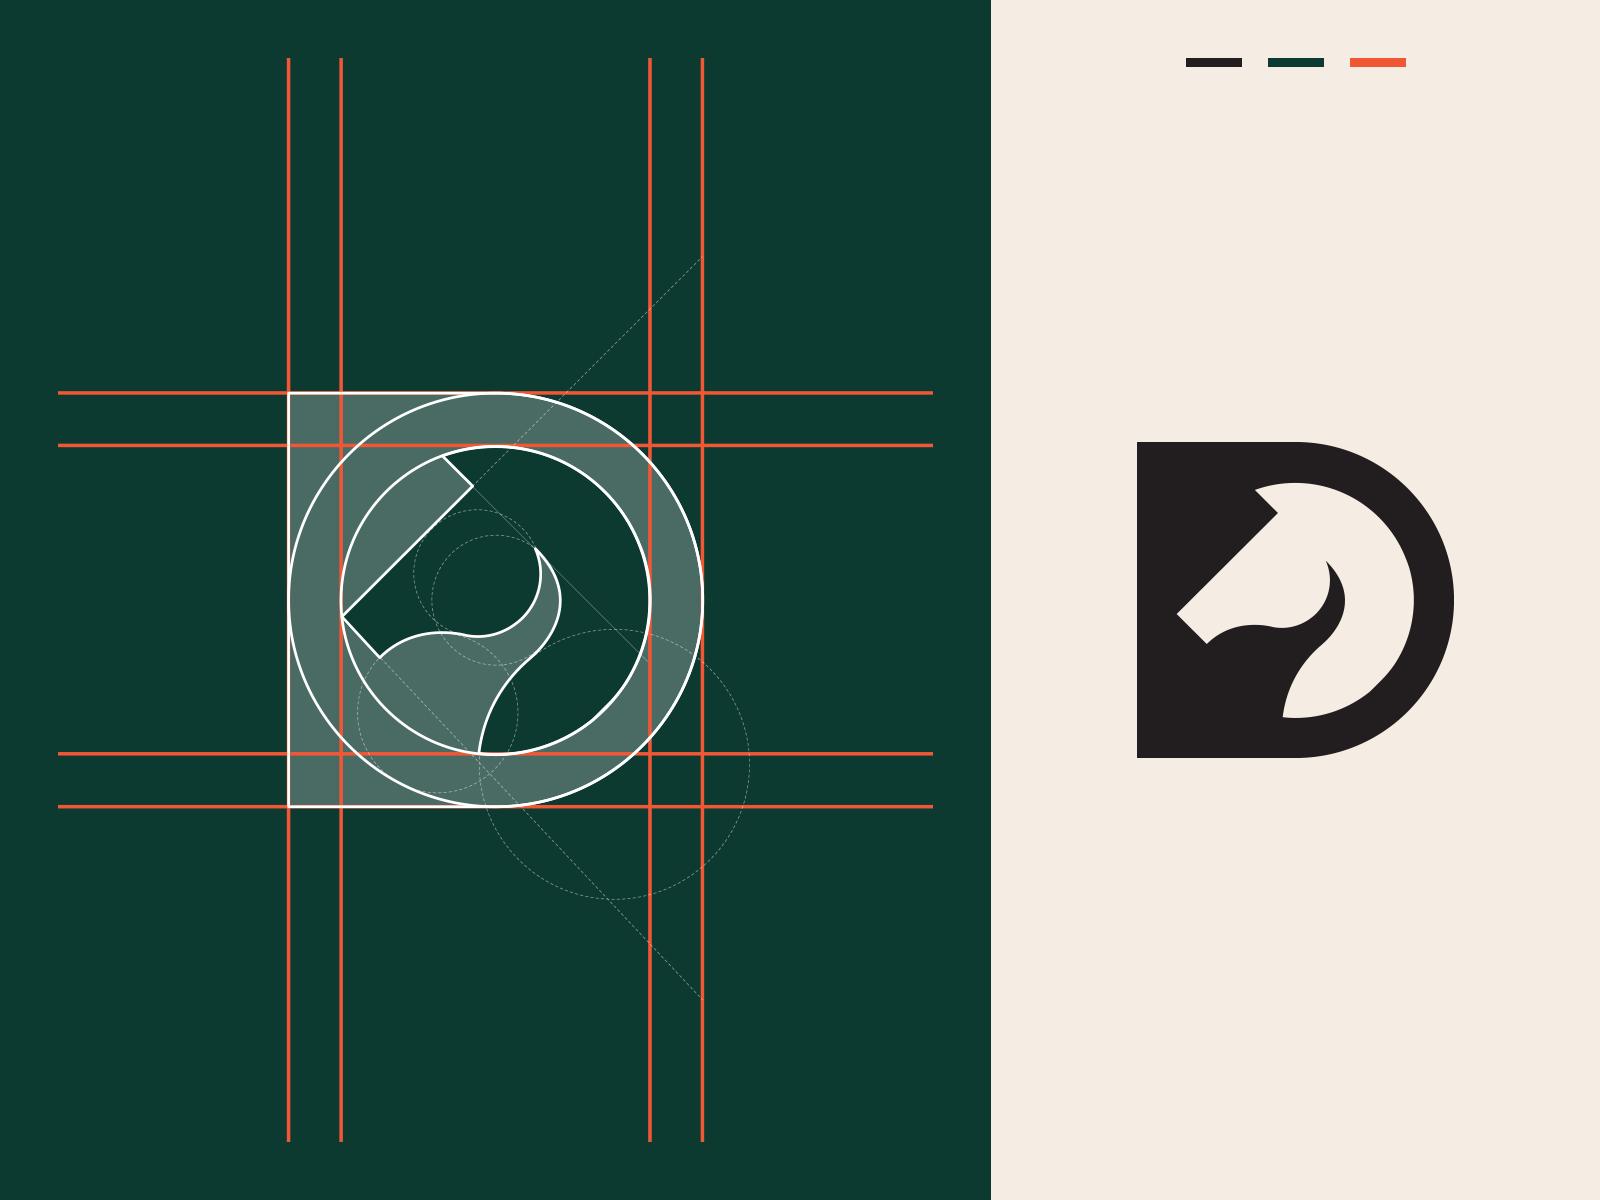 Horse + D Letter Logo Concept